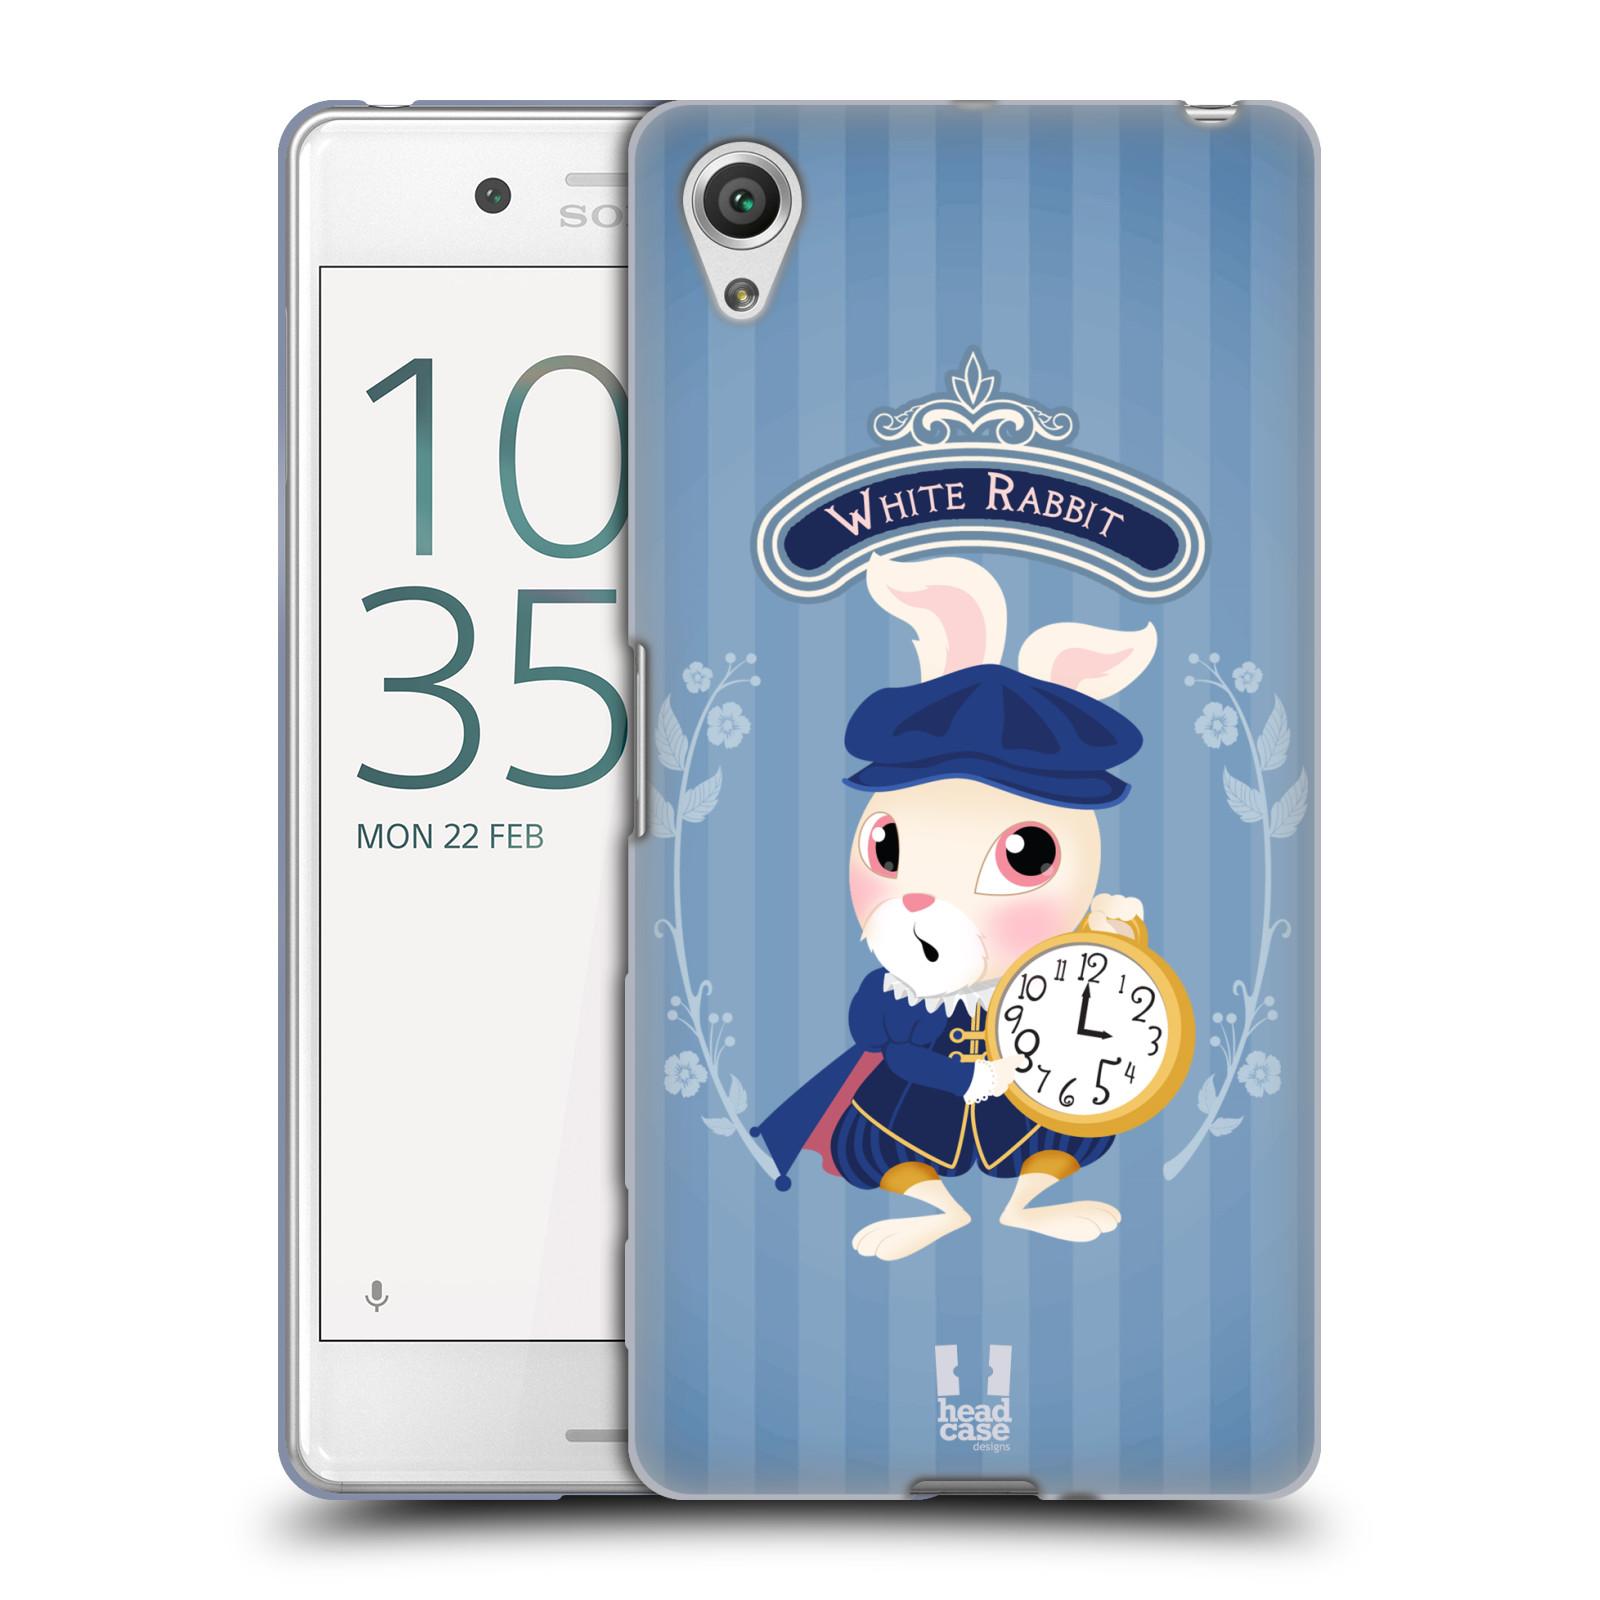 HEAD CASE silikonový obal na mobil Sony Xperia X PERFORMANCE (F8131, F8132) vzor Alenka v říši divů králíček